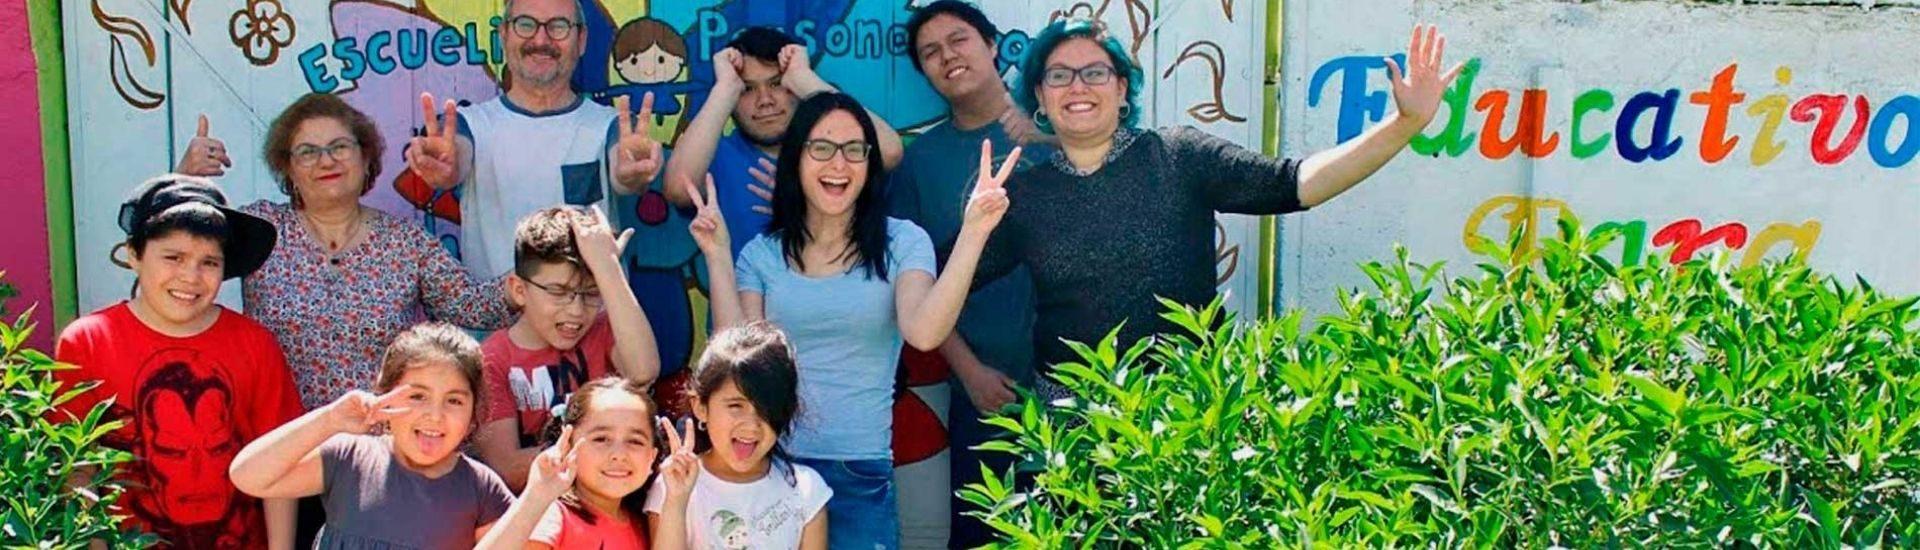 Foto de profesores y profesoras junto a estudiantes